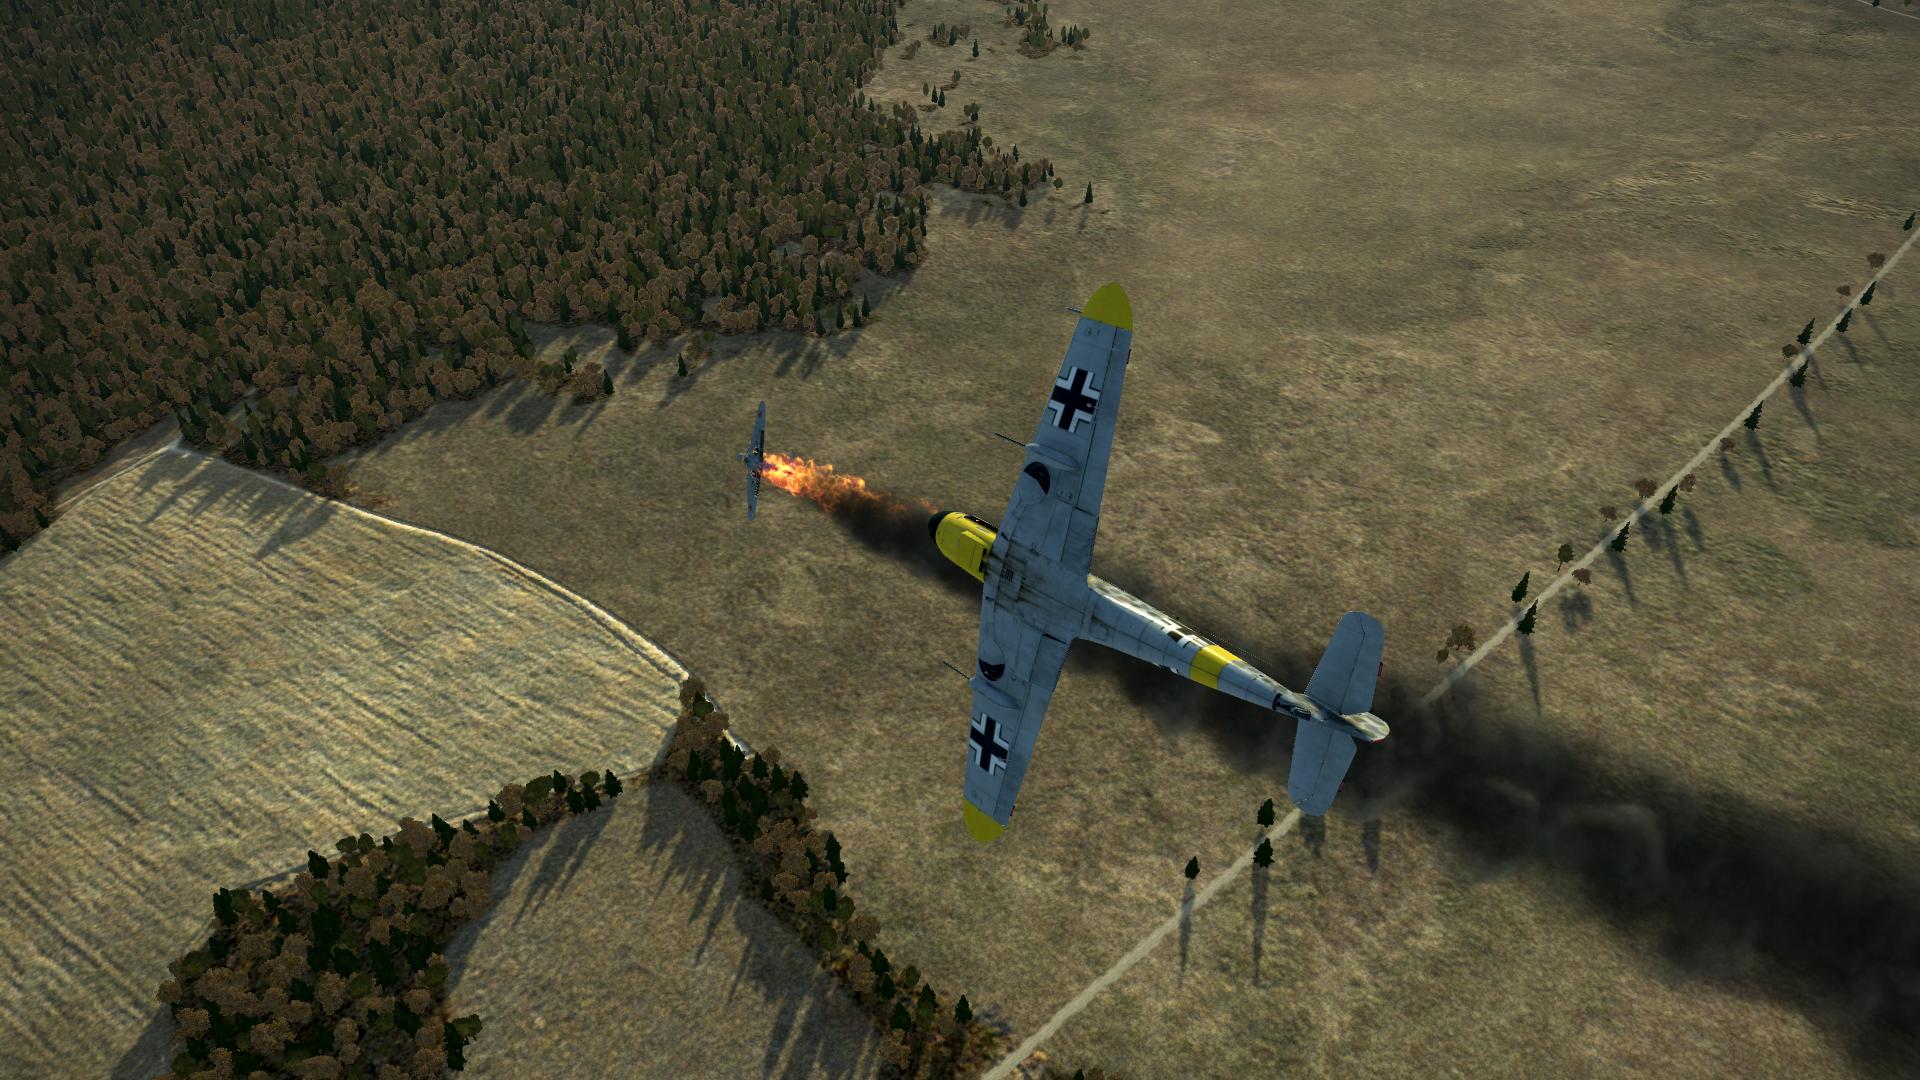 IL-2 Sturmovik Battle of Stalingrad Screenshot 2020.03.24 - 22.45.12.39.png